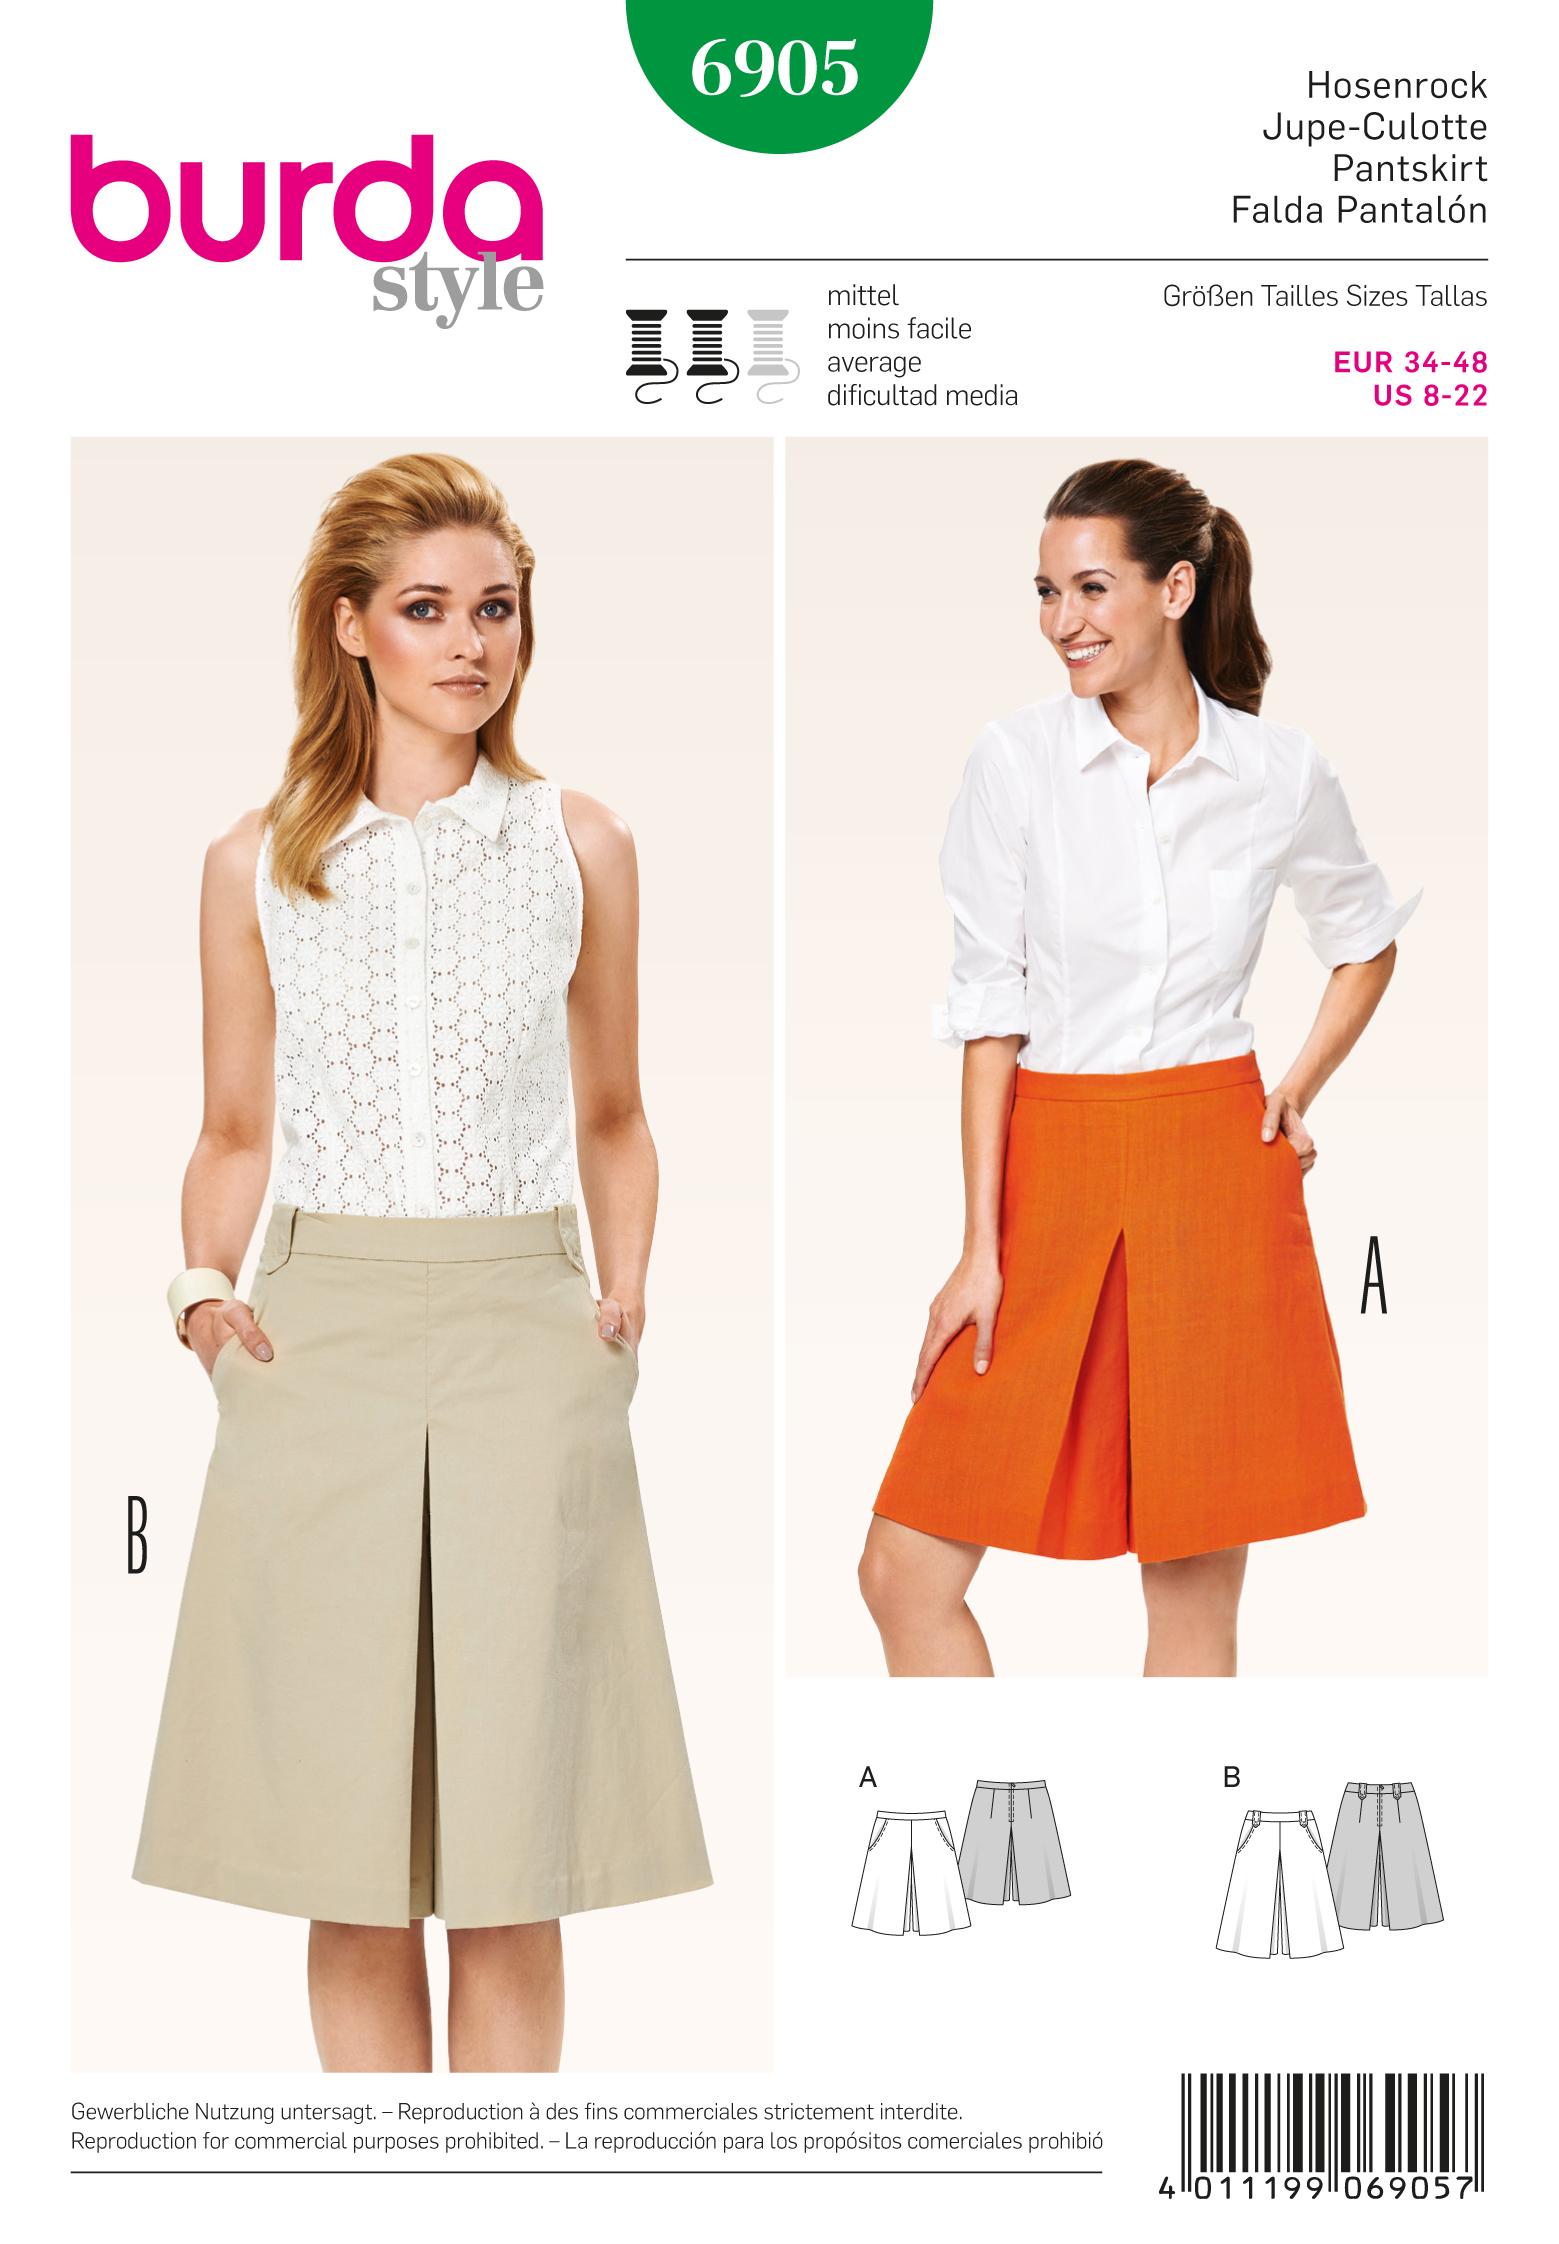 Burda Skirts 6905